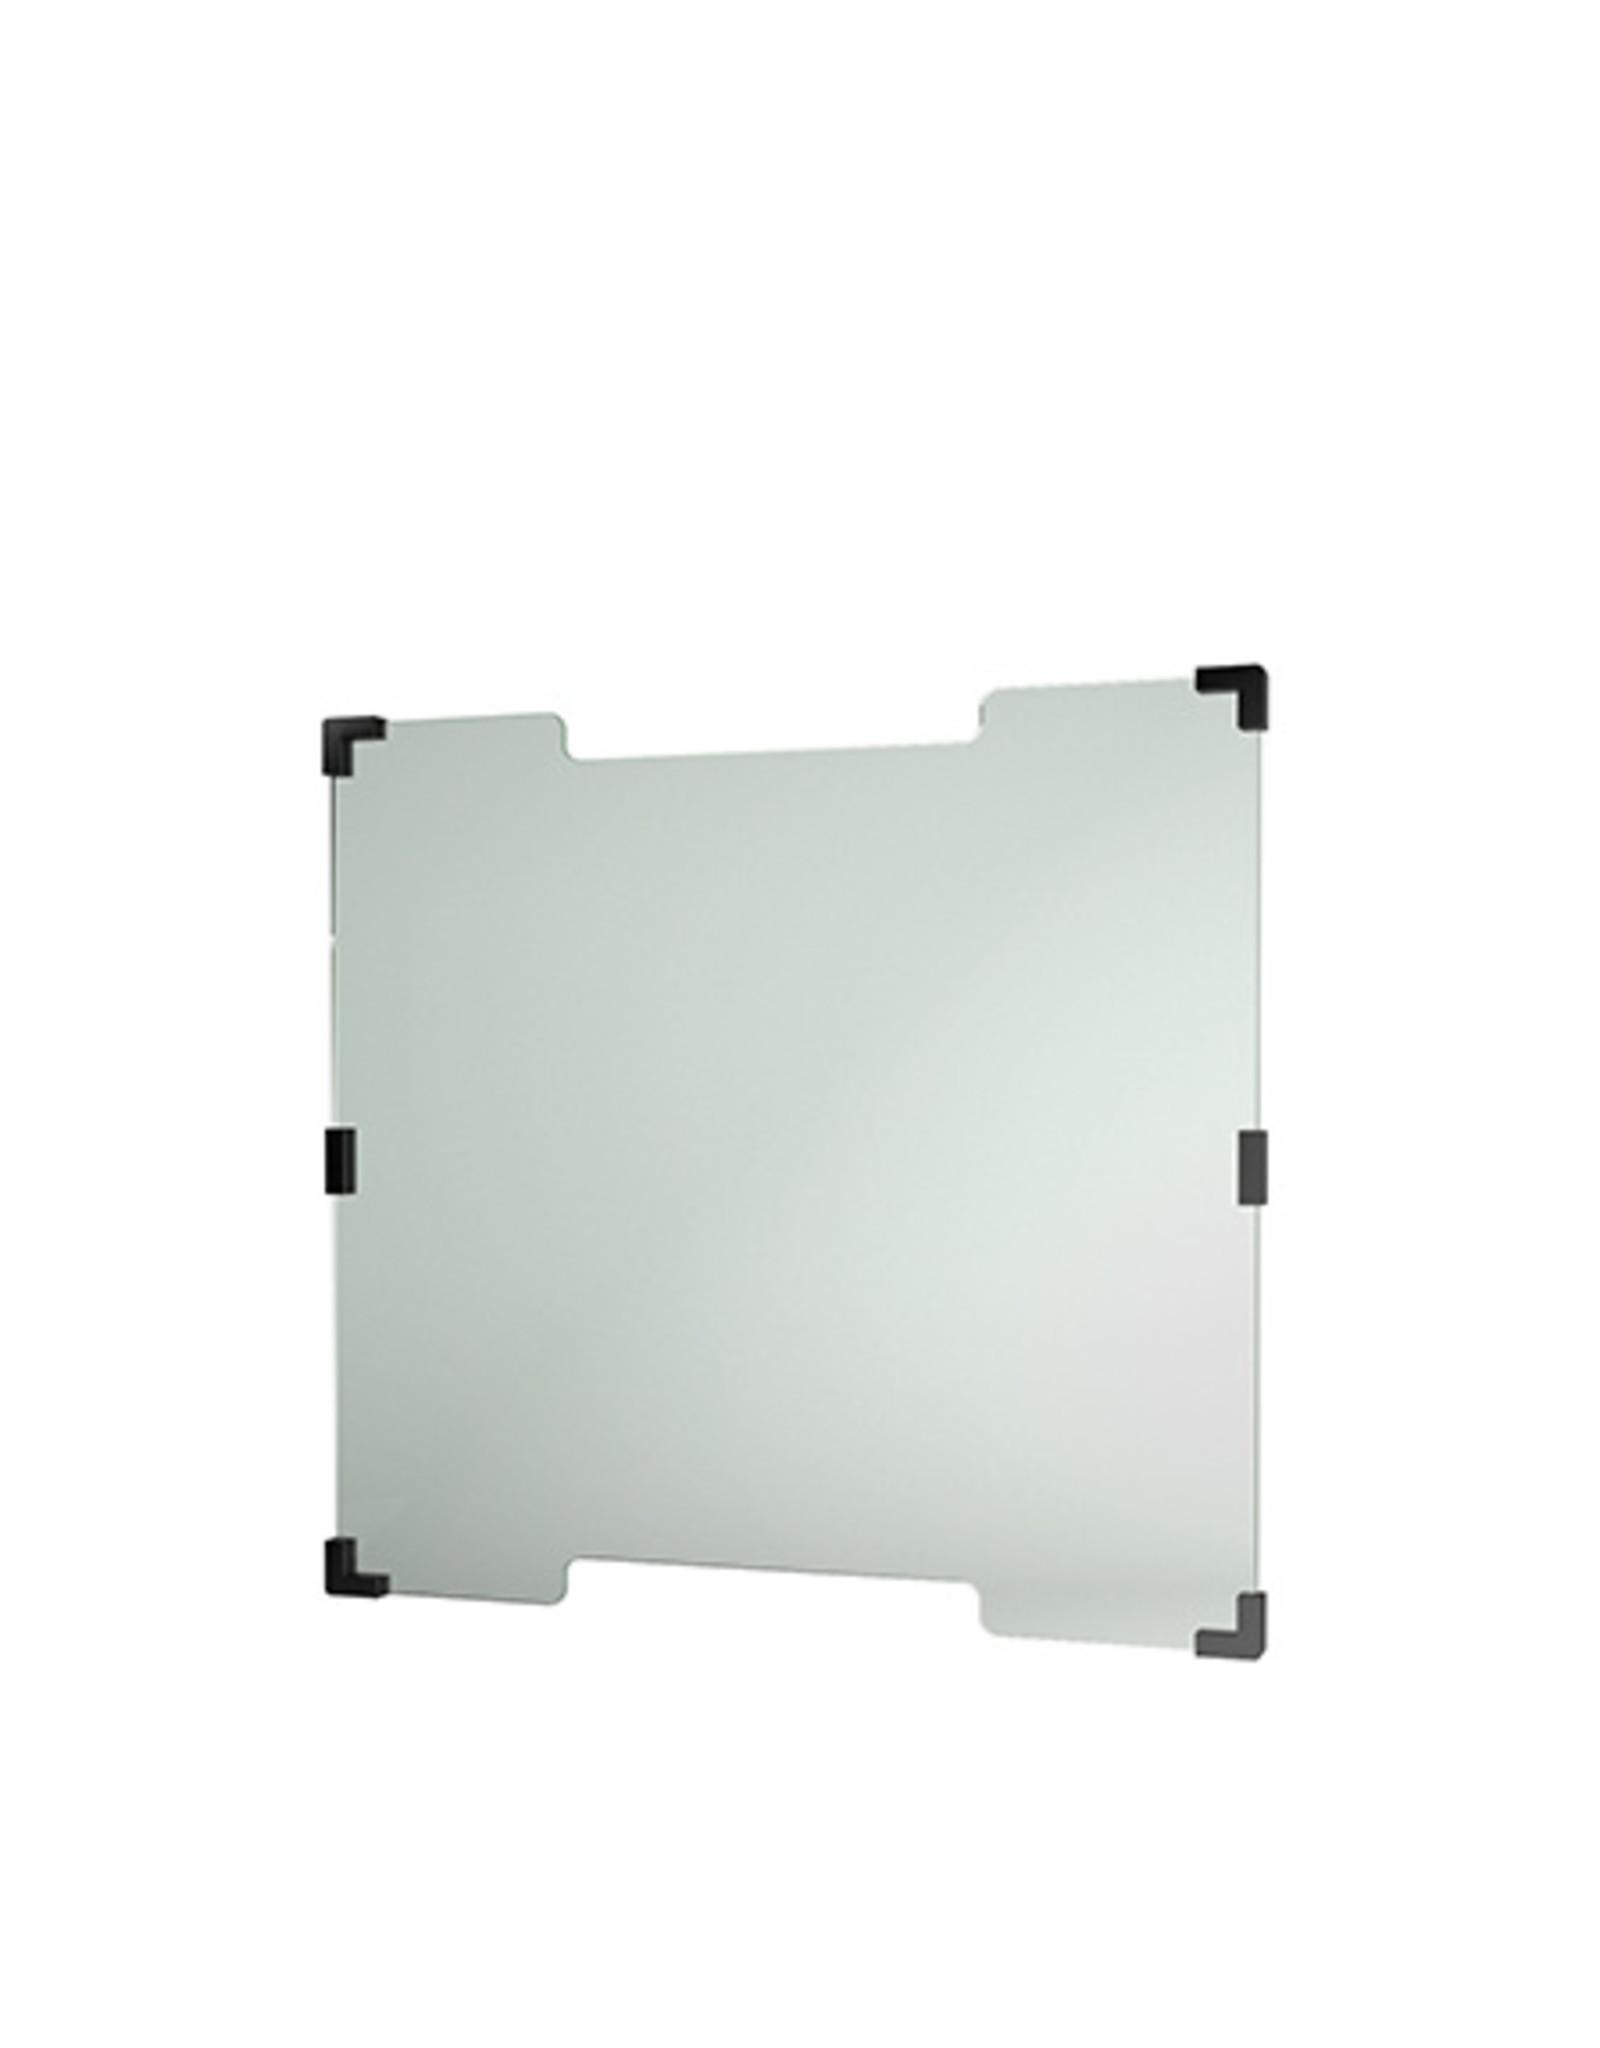 Zortrax Zortrax M200 Plus Glass Build Plate